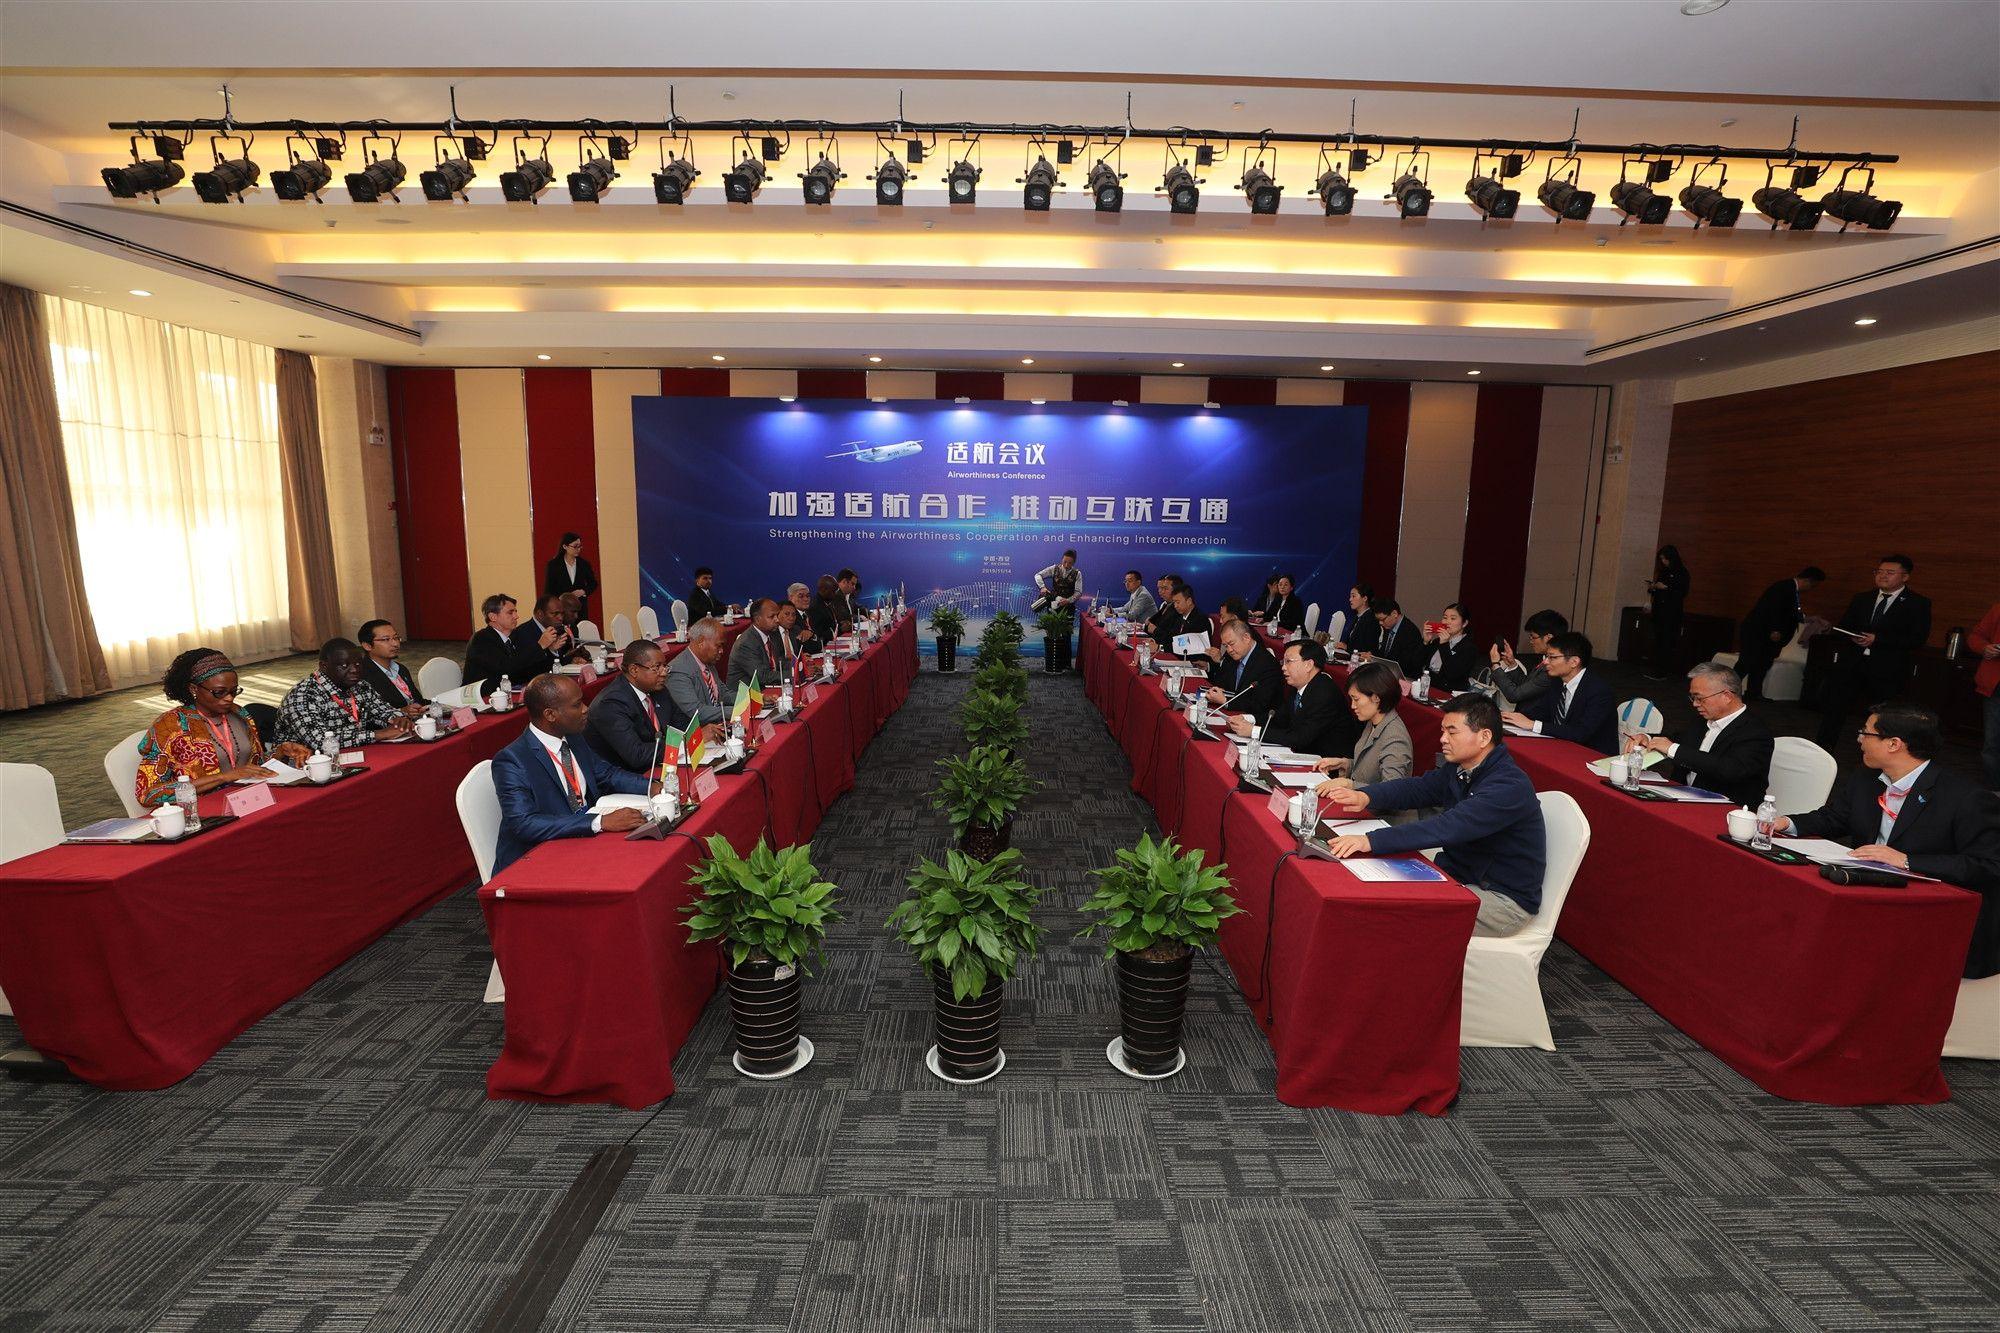 中国民航局与部分国家民航局举行新舟飞机运营当局伙伴会